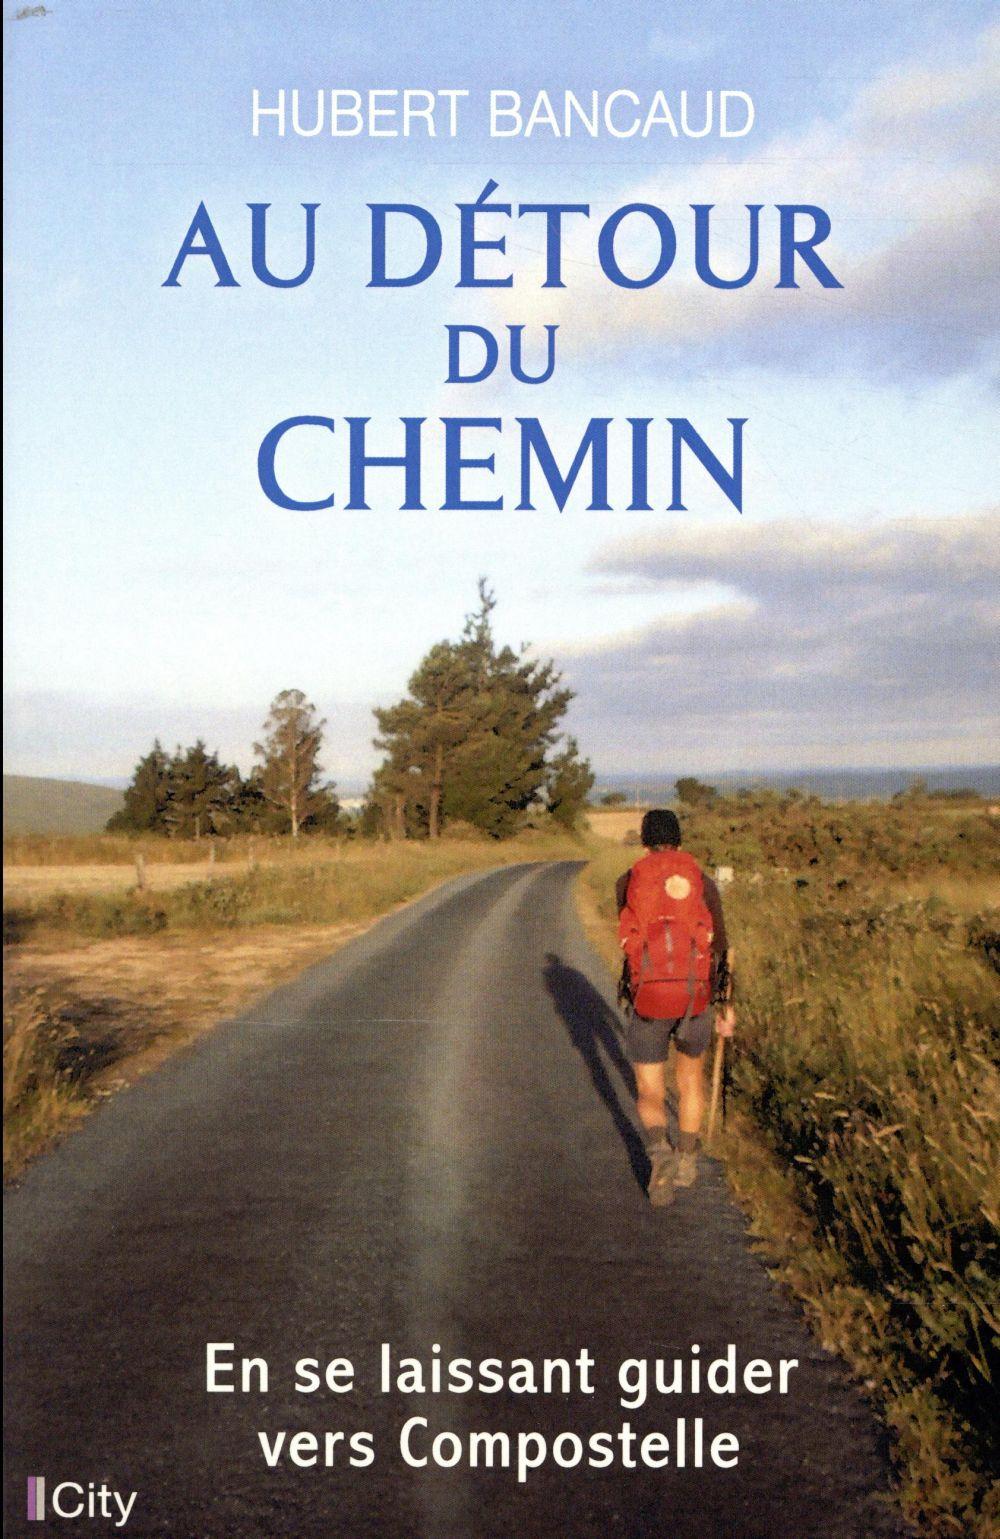 AU DETOUR DU CHEMIN